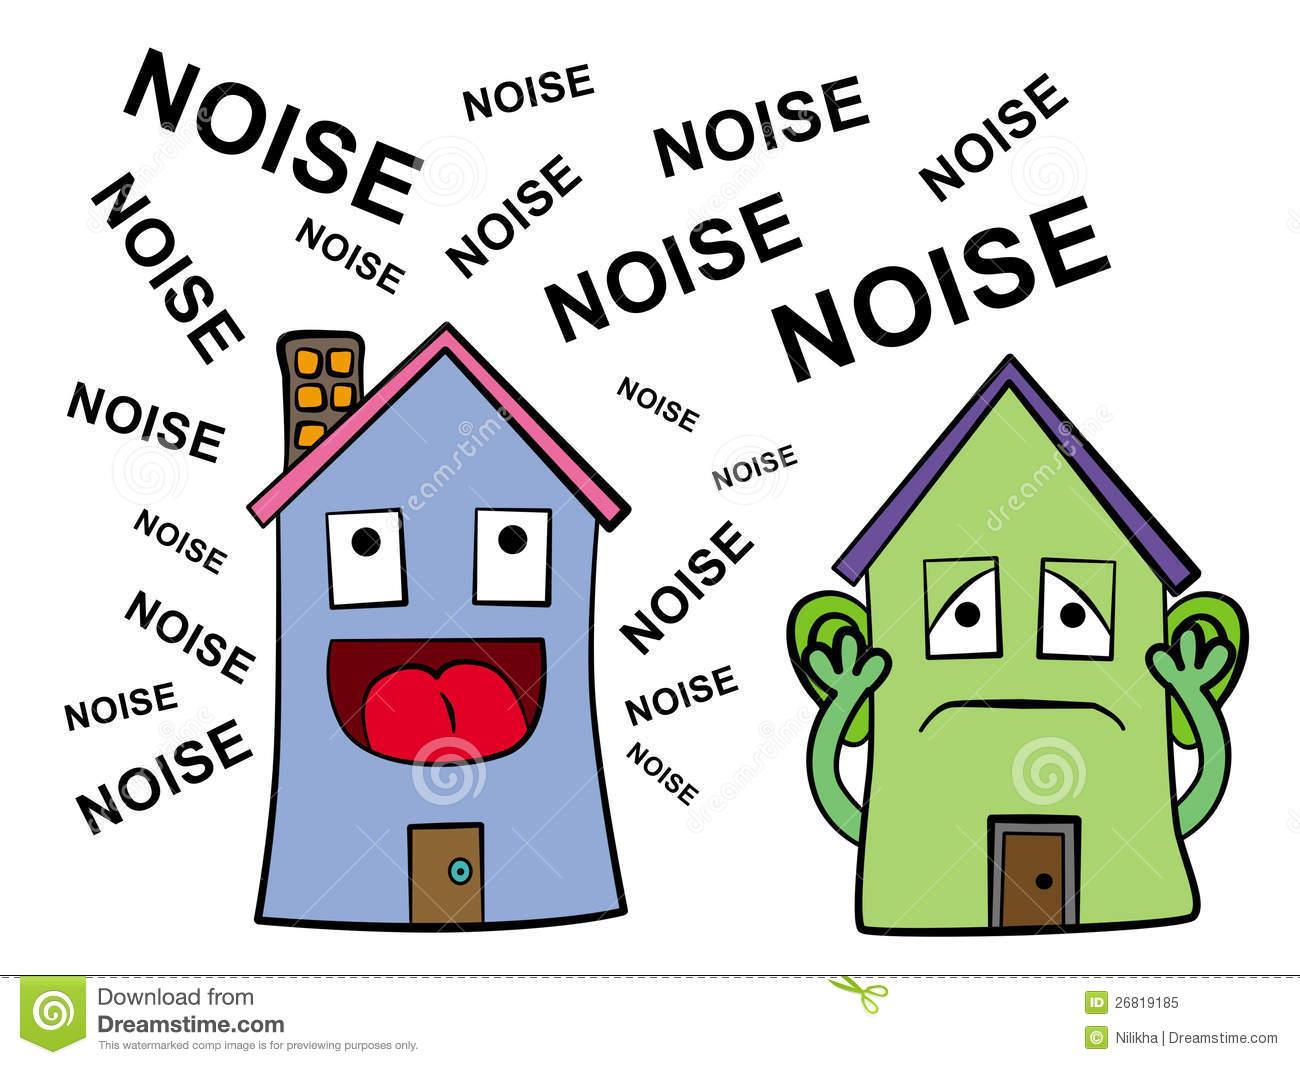 noisy-neighbor-26819185